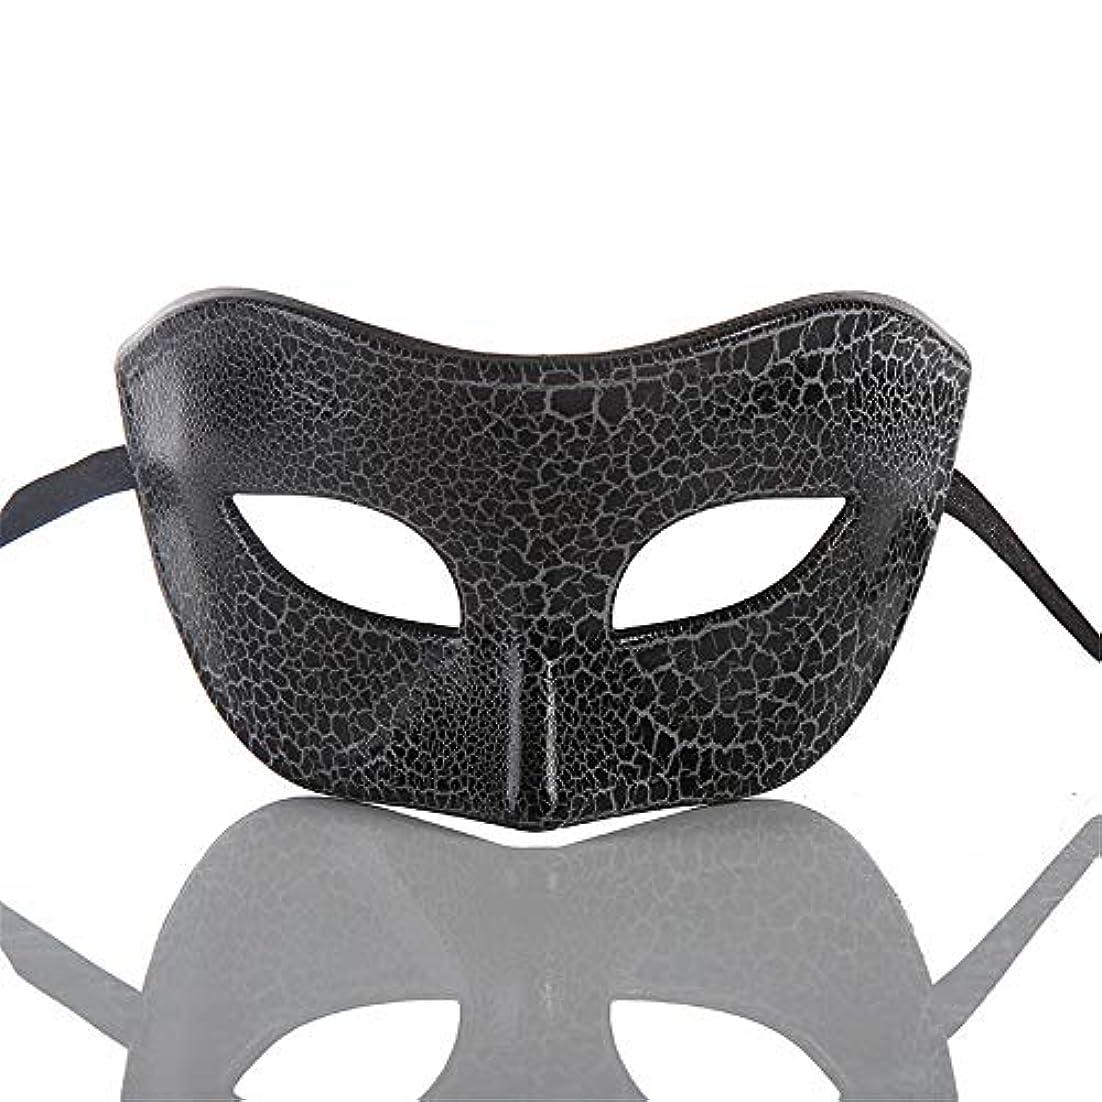 ブレス十分な終わりダンスマスク ハーフマスク新しいハロウィーンマスク仮装レトロコスプレメイクナイトクラブマスク雰囲気クリスマスお祝いプラスチックマスク ホリデーパーティー用品 (色 : ブラック, サイズ : 16.5x8cm)